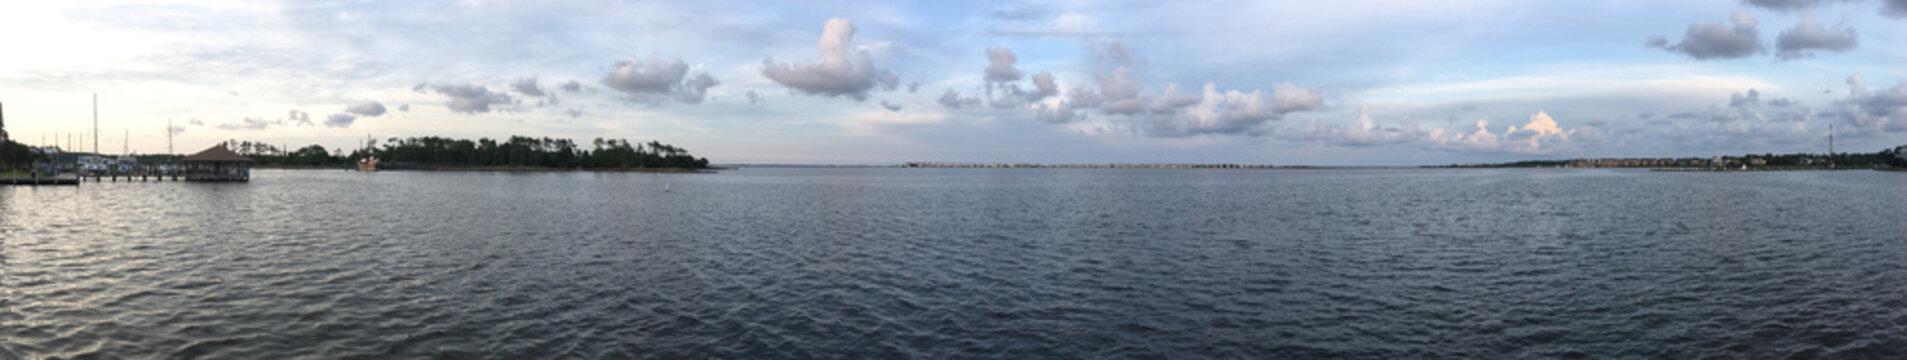 Shallowbag Bay in Manteo North Carolina